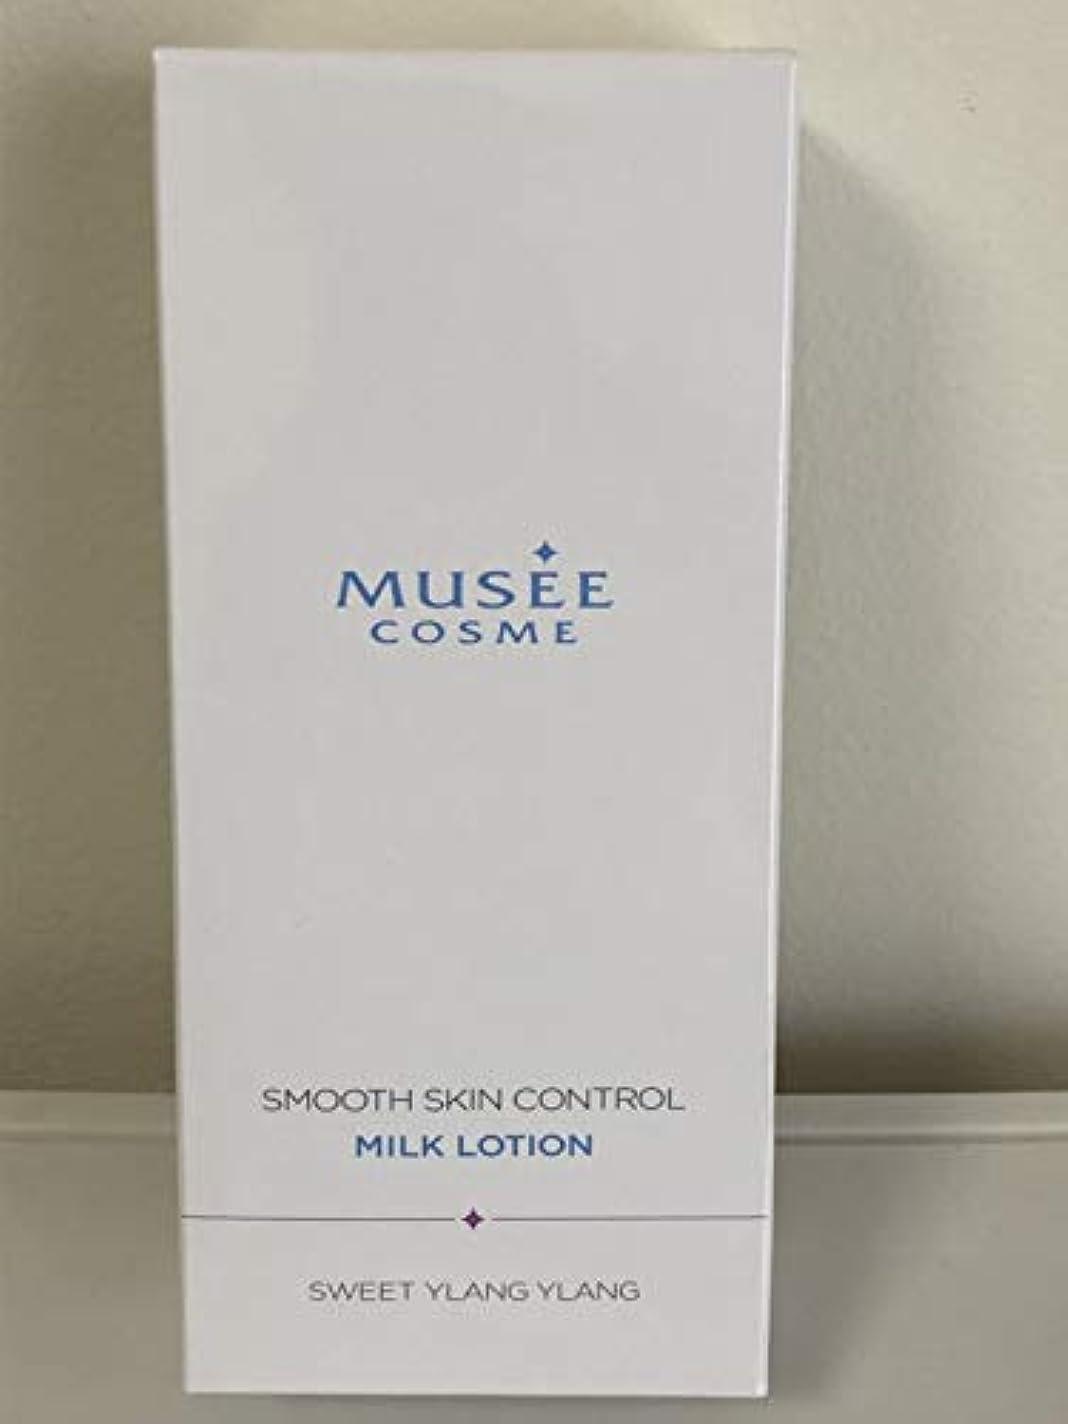 もろい高揚した従者ミュゼコスメ 薬用スムーススキンコントロール ミルクローション 300mL スイートイランイランの香り